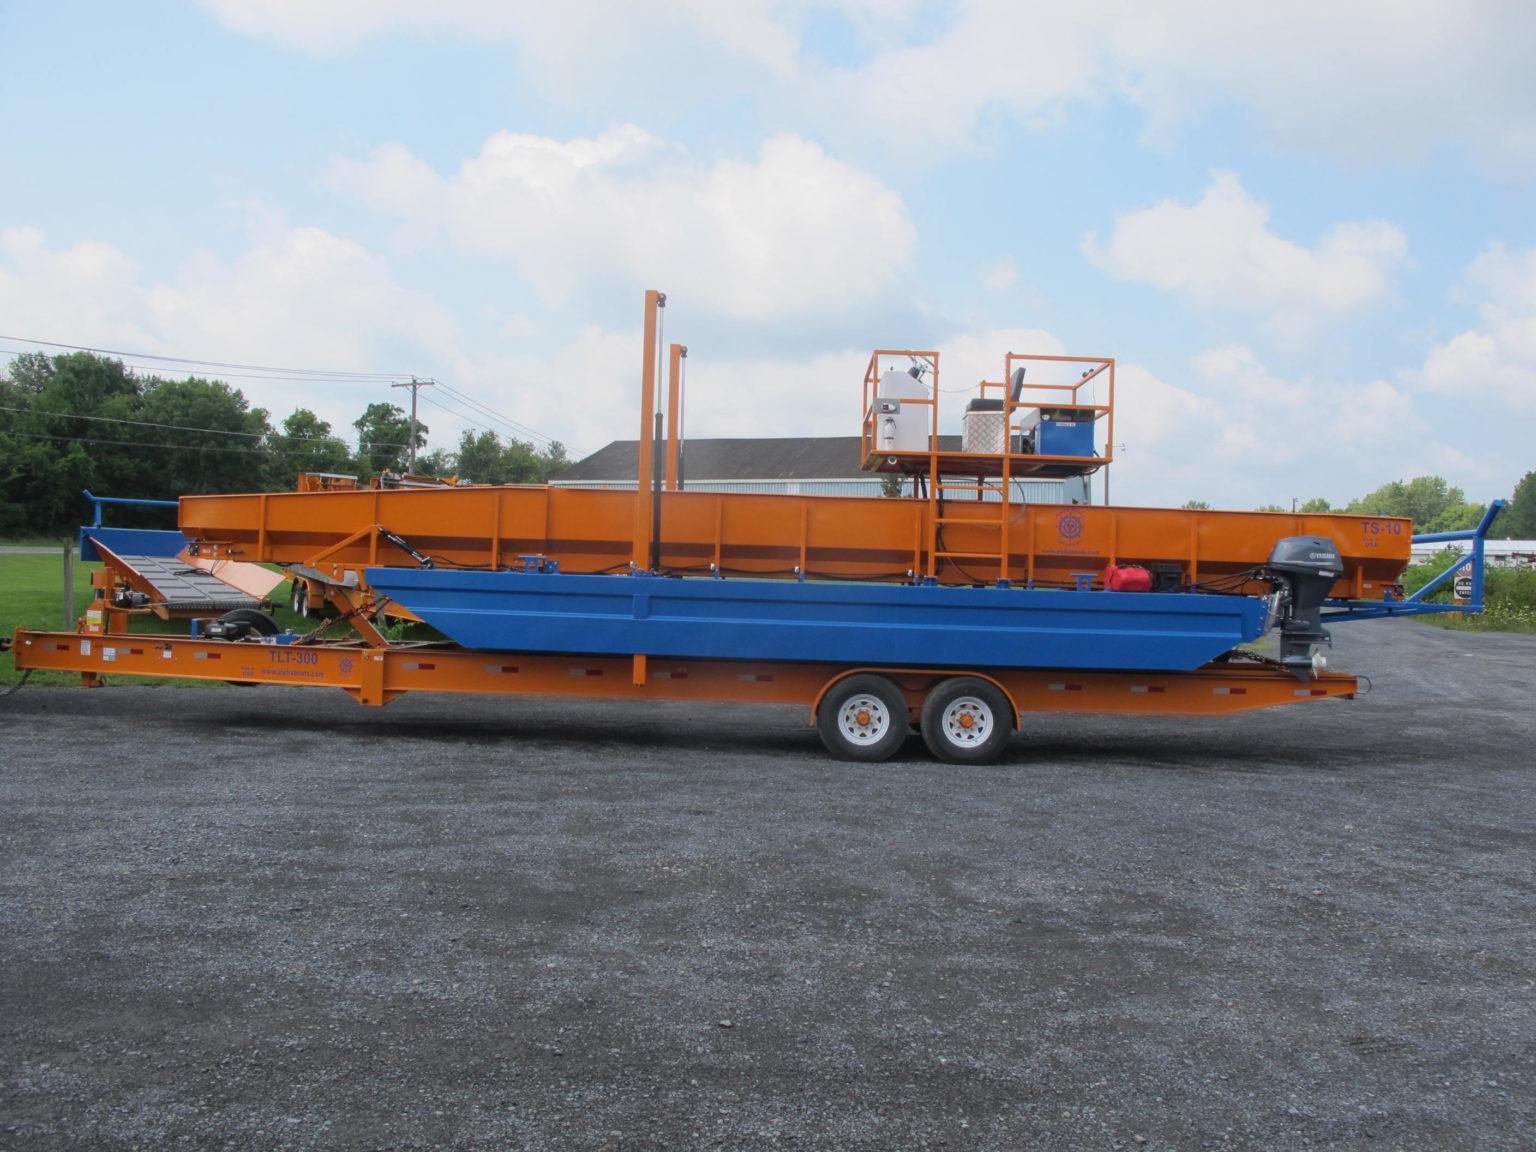 Alphaboats TS18 Transport Barge on transport trailer